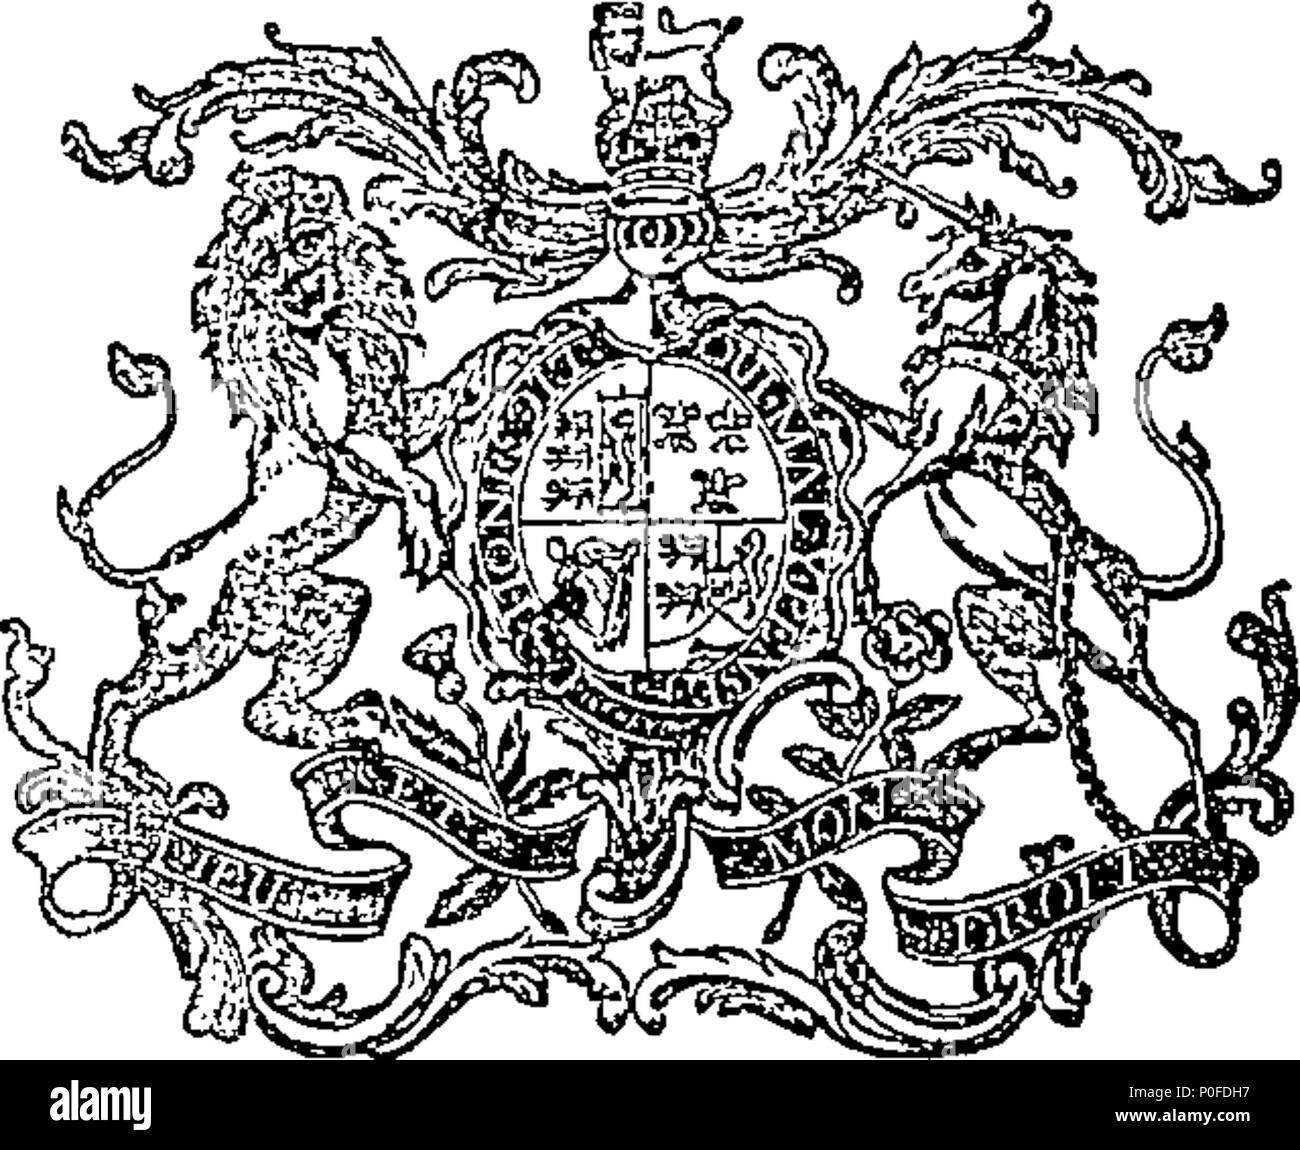 . Inglés: Fleuron de libro: leyes y estatutos, hecha en una sesión del Parlamento en Dublín, comenzado el día veintiuno de enero, Anno Domini 1794, en el trigésimo cuarto año del reinado de nuestro Señor Soberano más graciosos King George la tercera: Antes de Su Excelencia John Fane, Conde de Westmorland, Señor teniente general y gobernador general de Irlanda. Se trata del quinto período de sesiones de la quinta del Parlamento, en el reinado de Su Majestad. 260 leyes y estatutos Fleuron T127038-36 Foto de stock